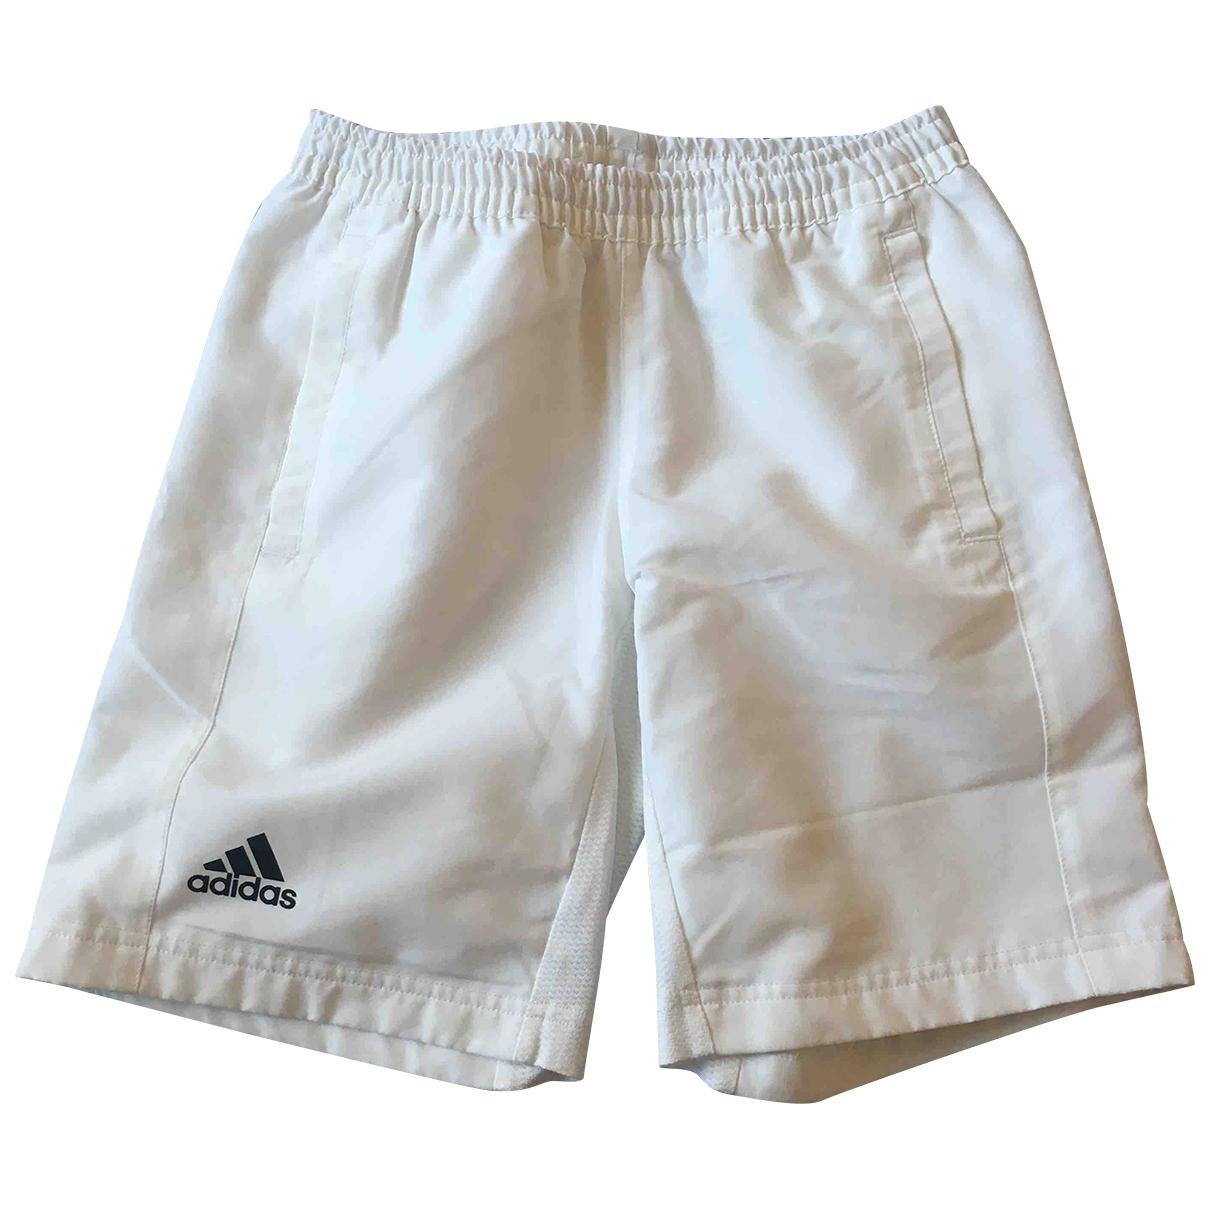 Adidas - Short   pour enfant - blanc